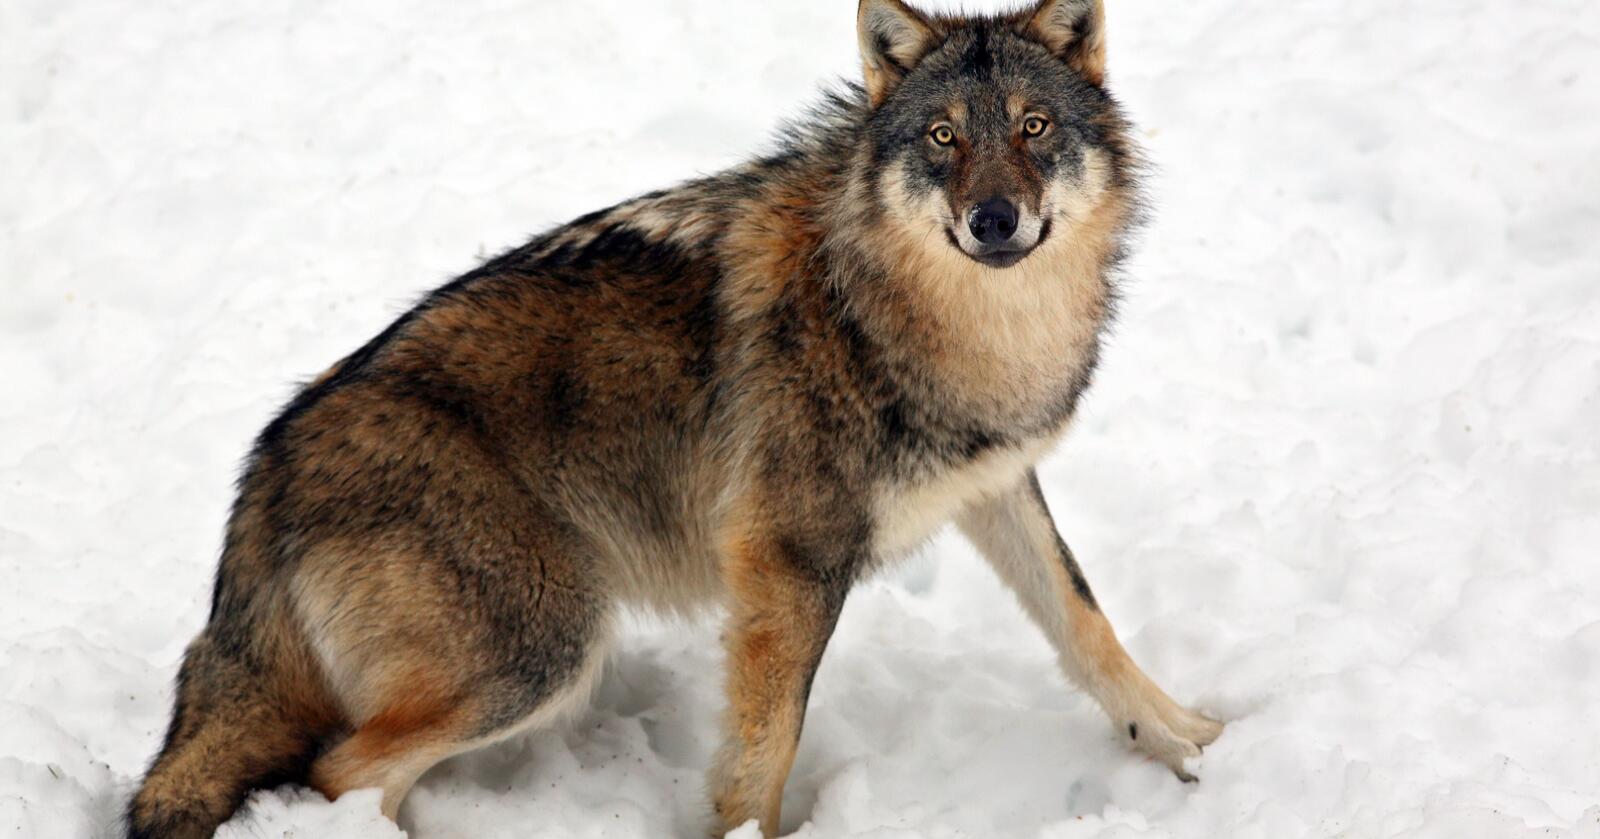 Hvordan vet man egentlig om en ulv er genetisk viktig, spør Regina Brajkovic. Denne ulven er fotografert i Dalarna i Sverige. Illustrasjonsfoto: Johan Bjurer/Mostphotos